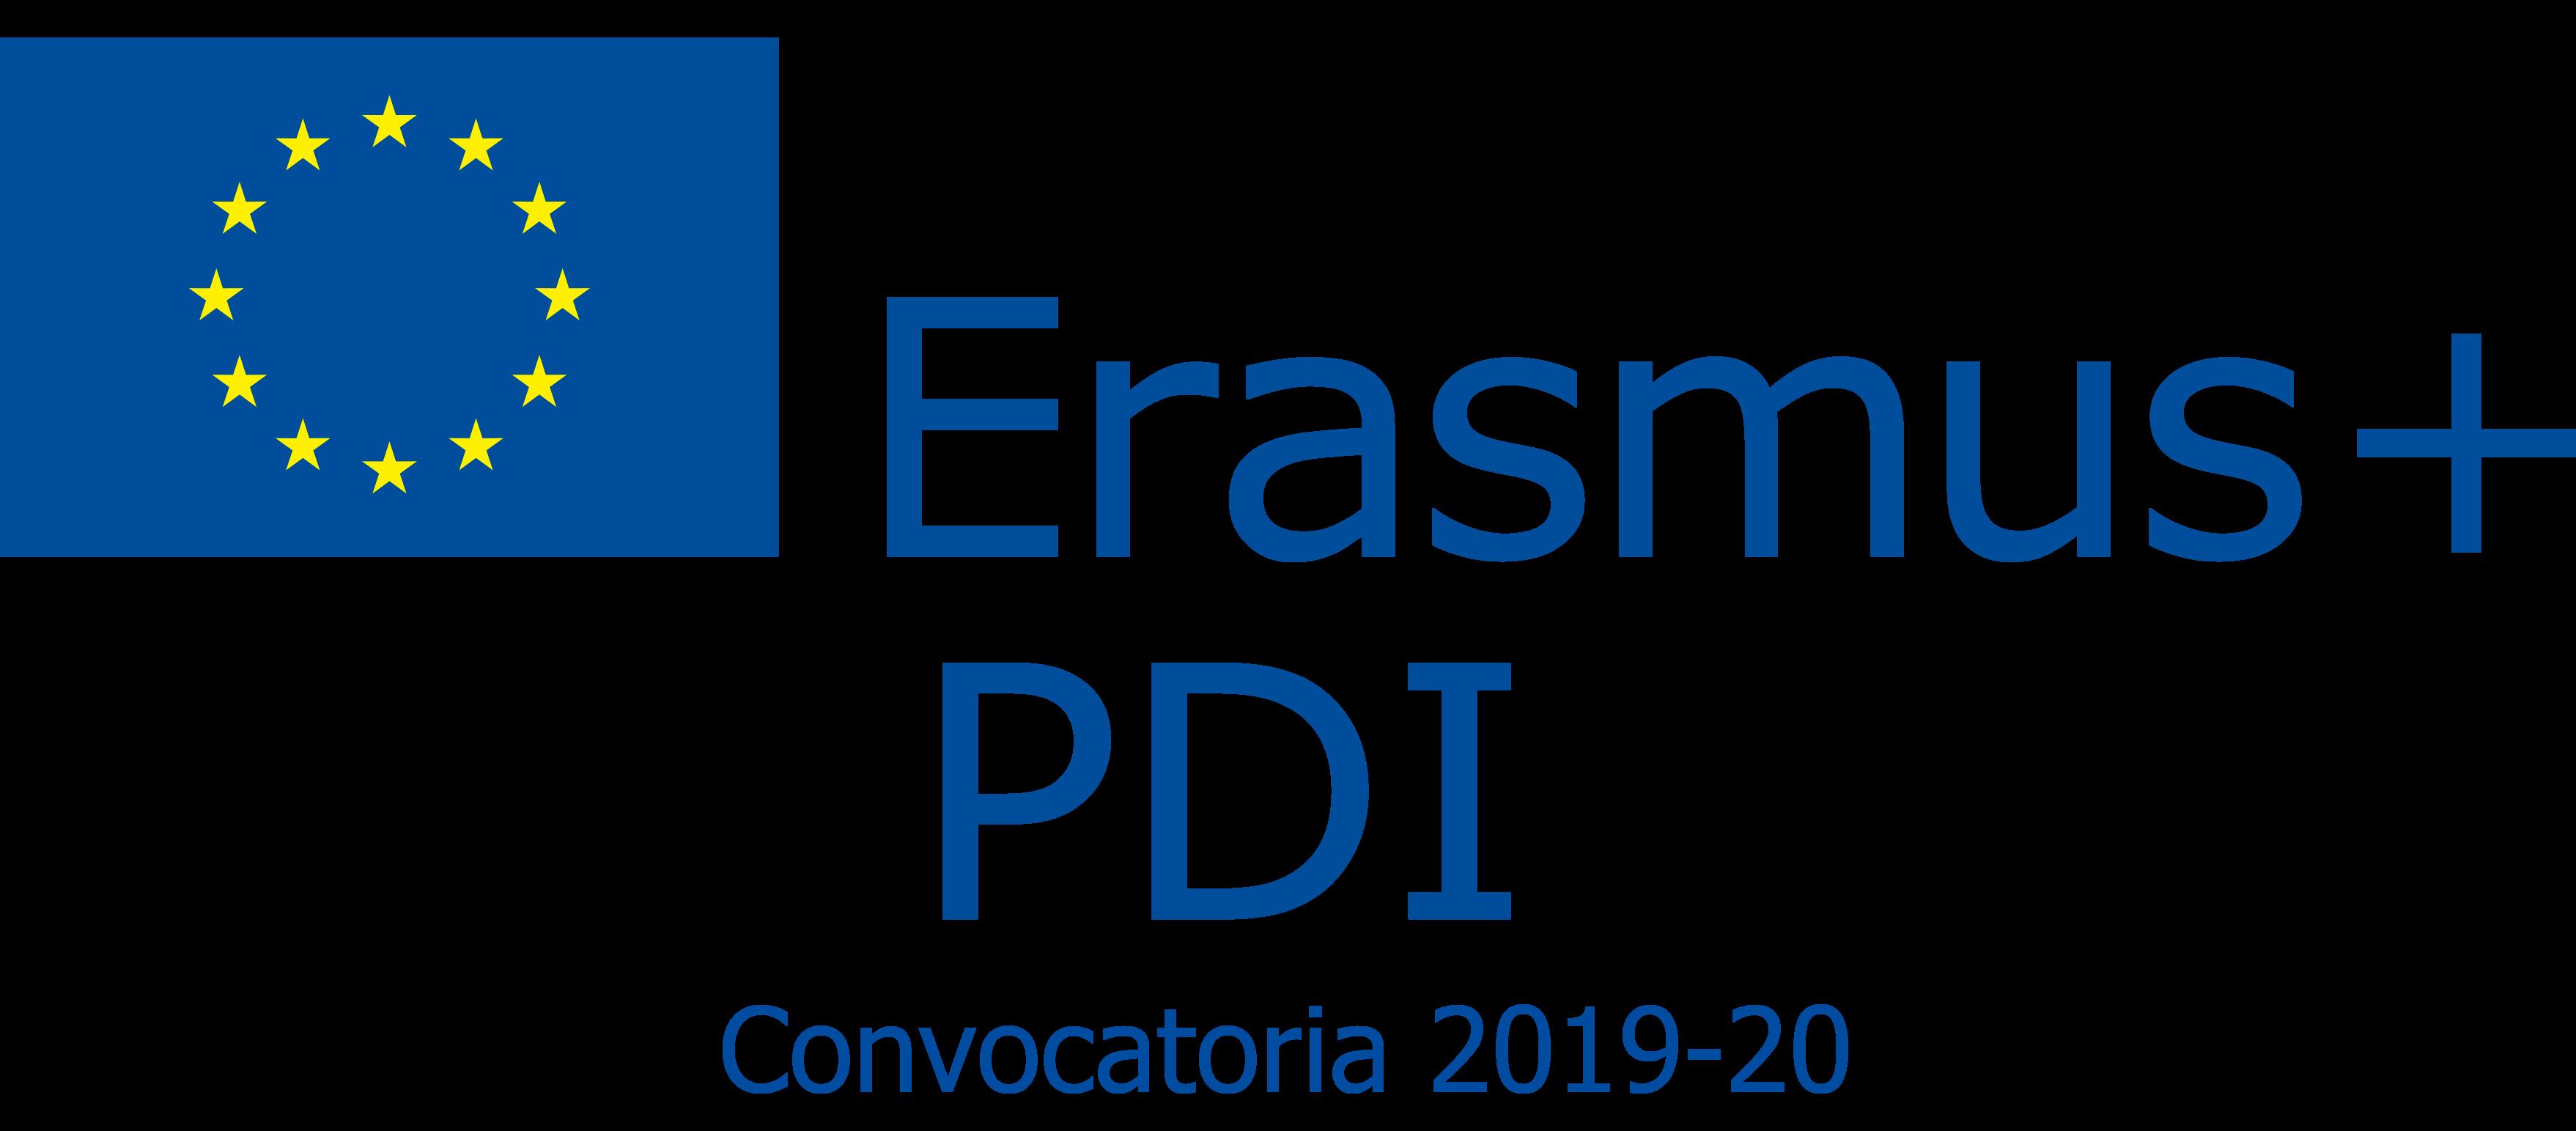 Ampliación del plazo de realización de movilidades convocatoria Erasmus+ PDI 2019-20